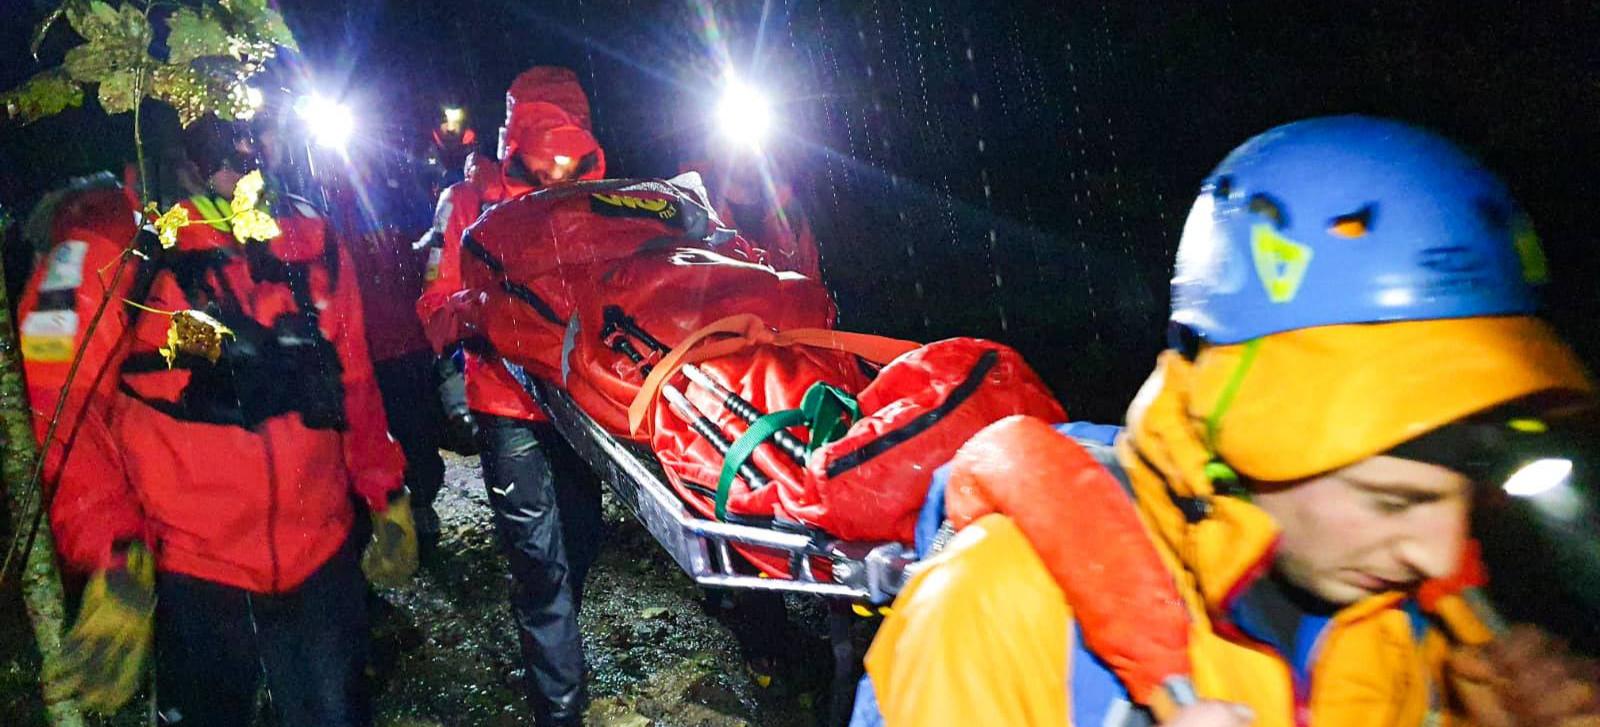 Trudna akcja ratunkowa w Bieszczadach. Turysta w stanie hipotermii (ZDJĘCIA)